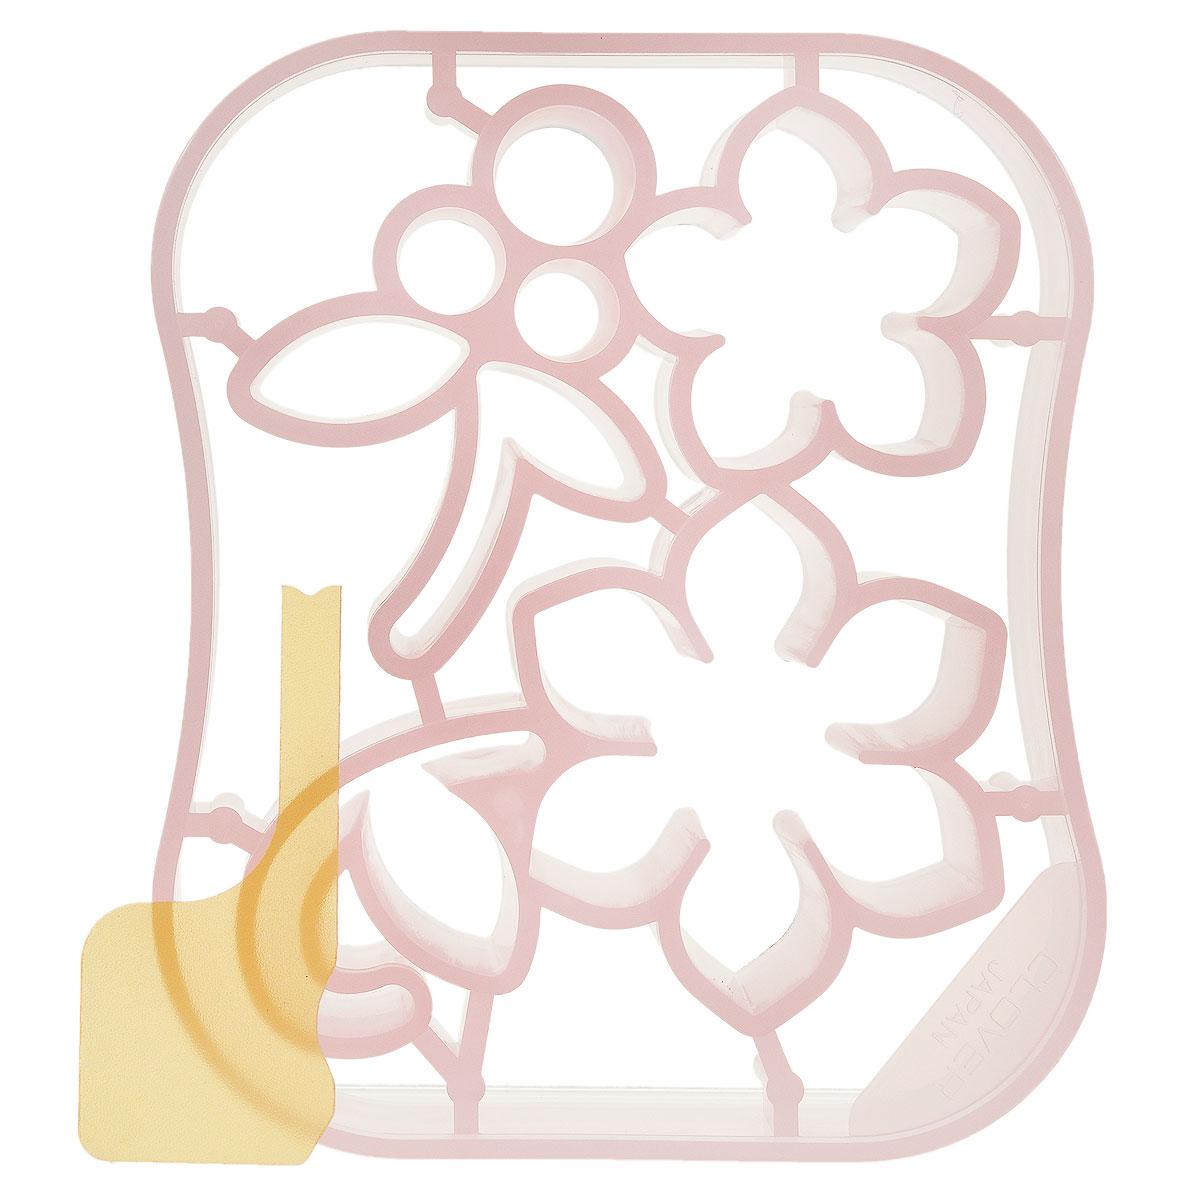 Форма для аппликаций и фильцевания Clover Цветы и ягоды526772Форма для аппликаций и фильцевания Clover Цветы и ягоды выполнена из цветного пластика и предназначена для создания аппликаций и трехмерного узора из шерсти. В комплект входит аппликатор для набивки. Позволяет создавать достаточно мелкие детали по шаблону в виде цветов и ягод. Полученное украшение идеально подойдет для декоративной отделки сумок, шляп и аксессуаров.